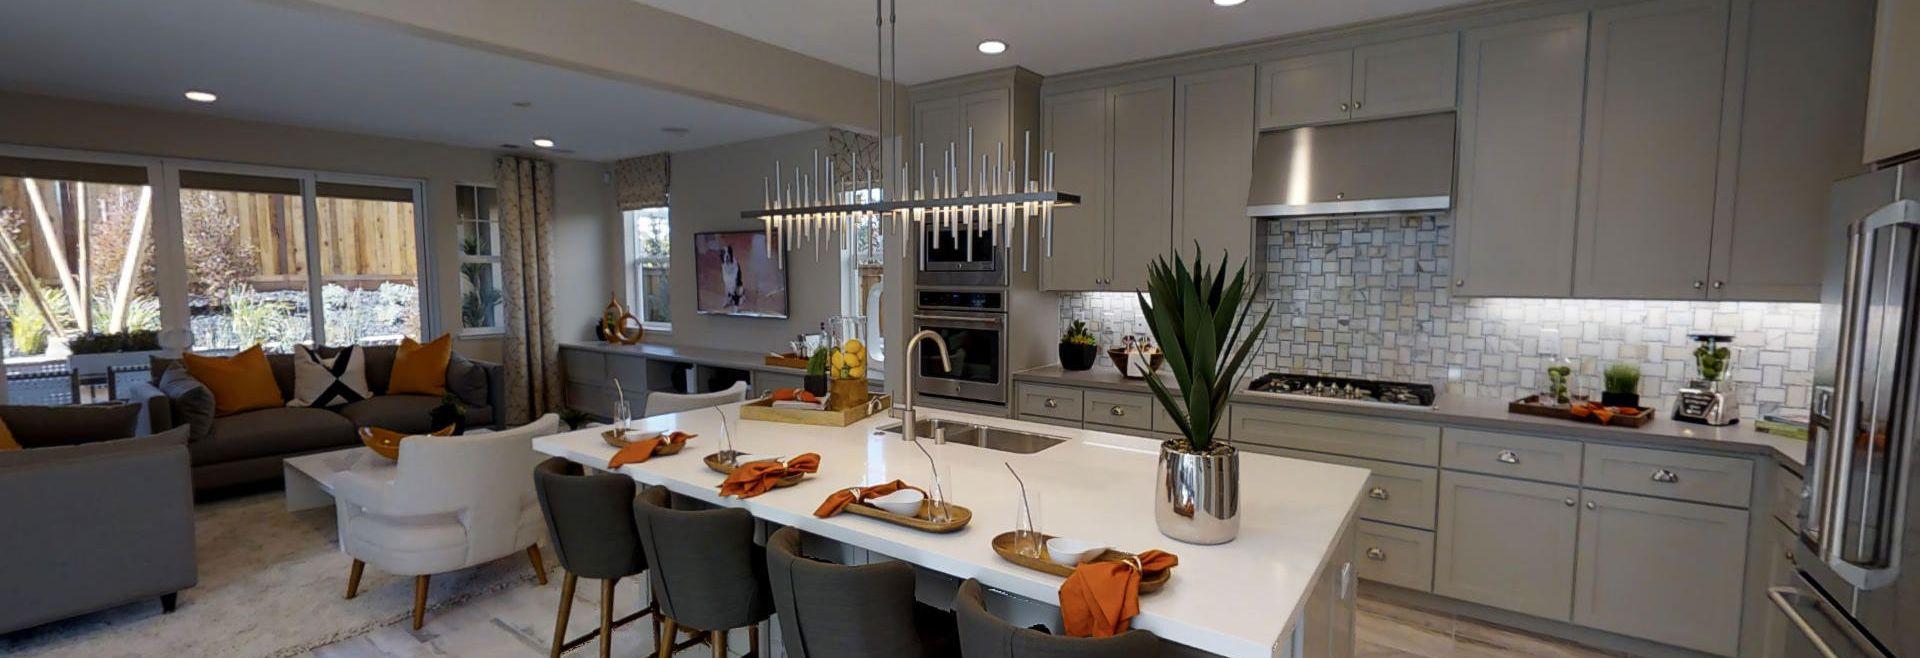 Ashford Plan 1 Kitchen